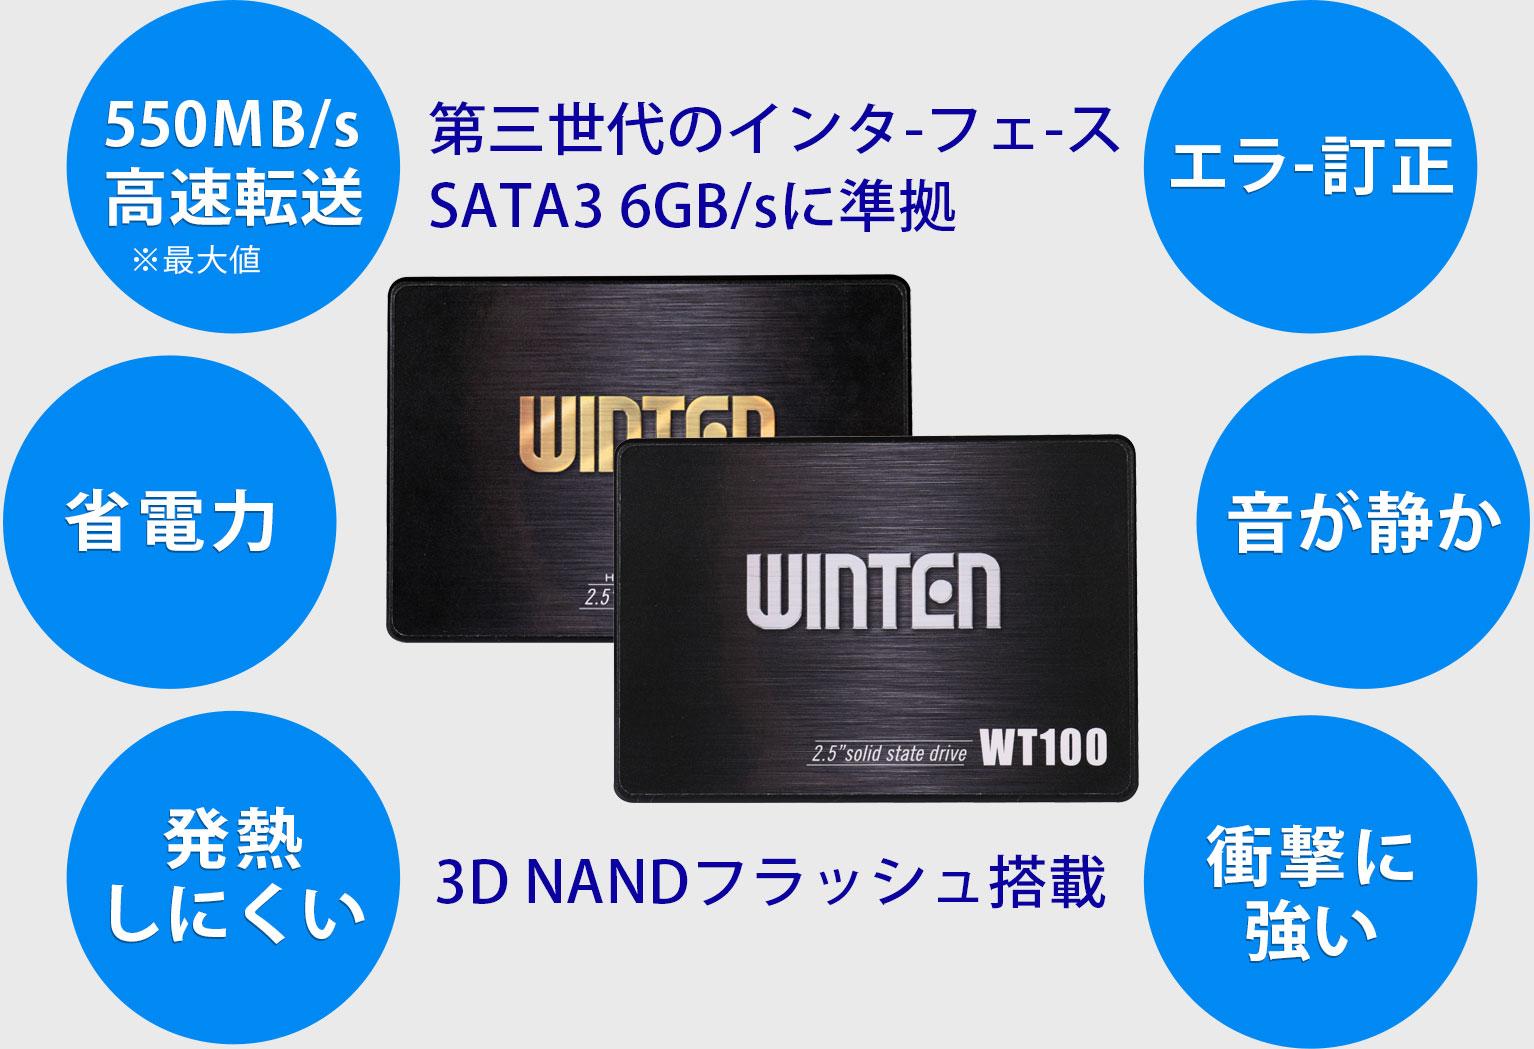 第三世代のインタ-フェ-ス SATA3 6GB/sに準拠 3D NANDフラッシュ搭載